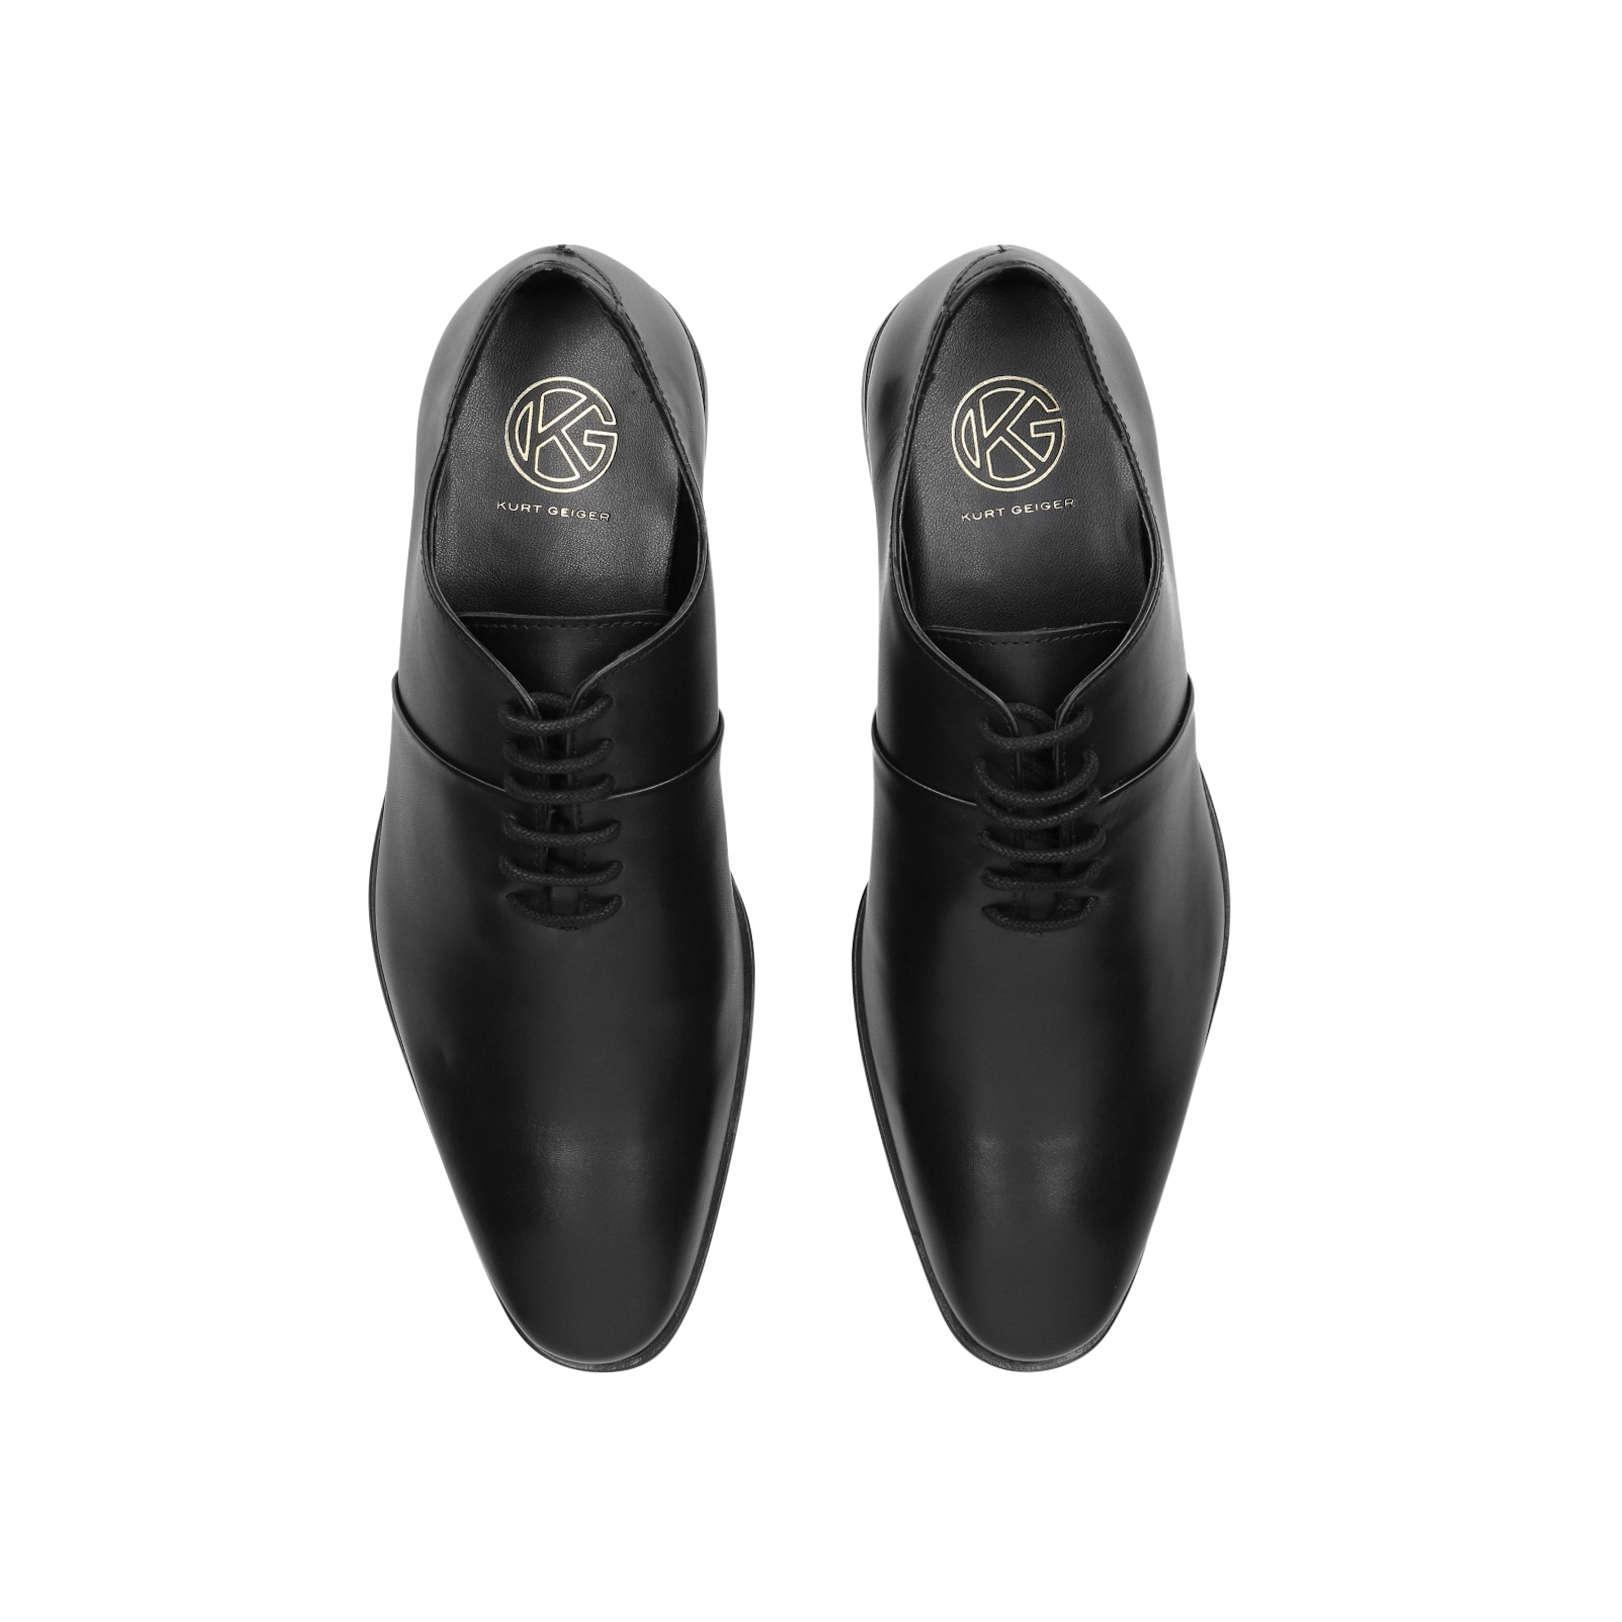 KG by Kurt Geiger Leather Rye Low Heel 0-21mm Formals Black for Men